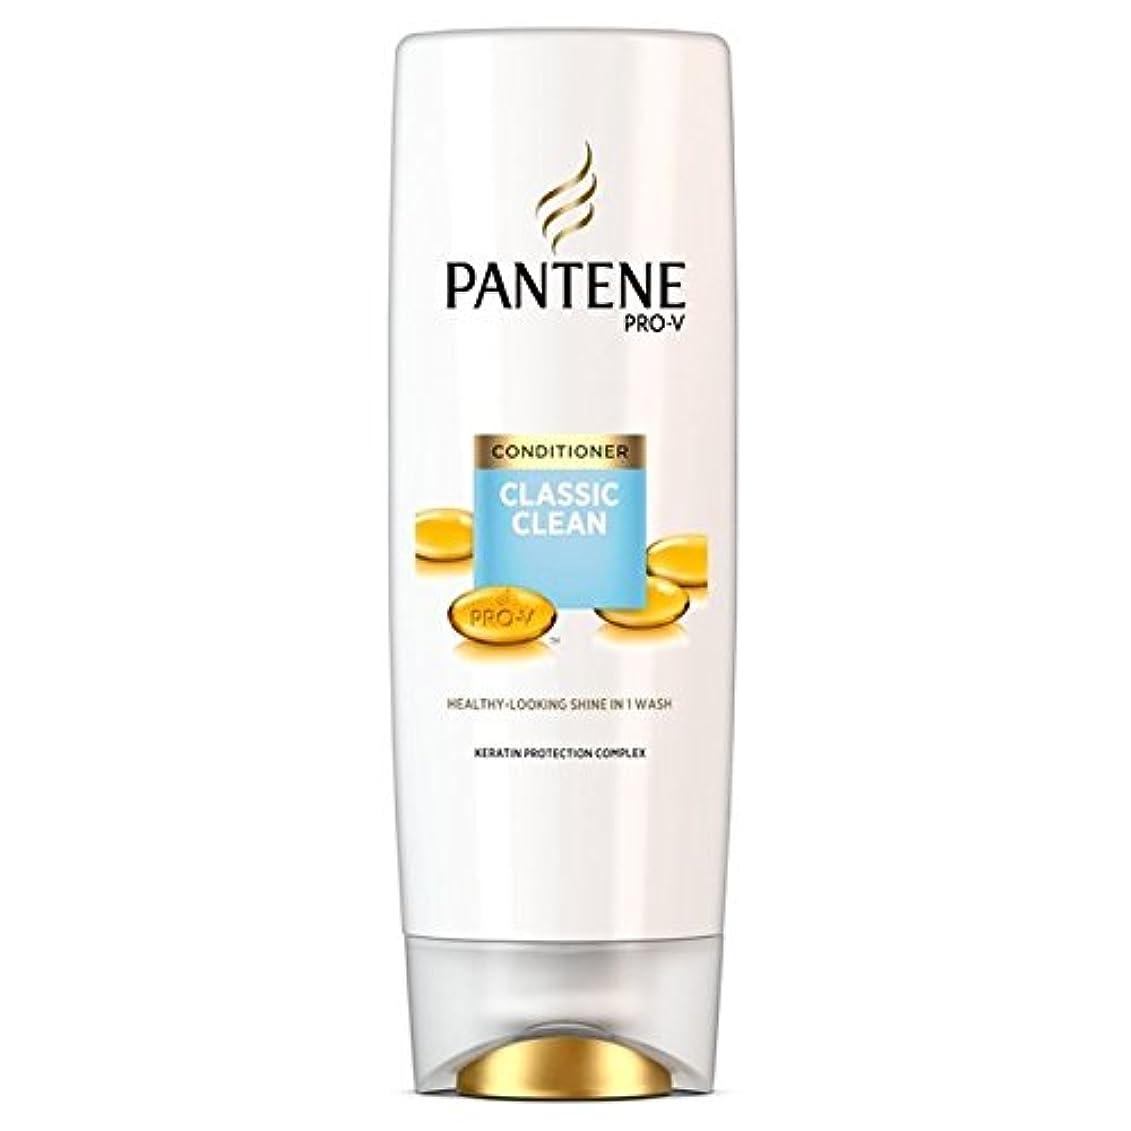 消毒剤羨望反論Pantene Classic Clean Conditioner 360ml (Pack of 6) - パンテーン古典的なクリーンコンディショナー360ミリリットル x6 [並行輸入品]